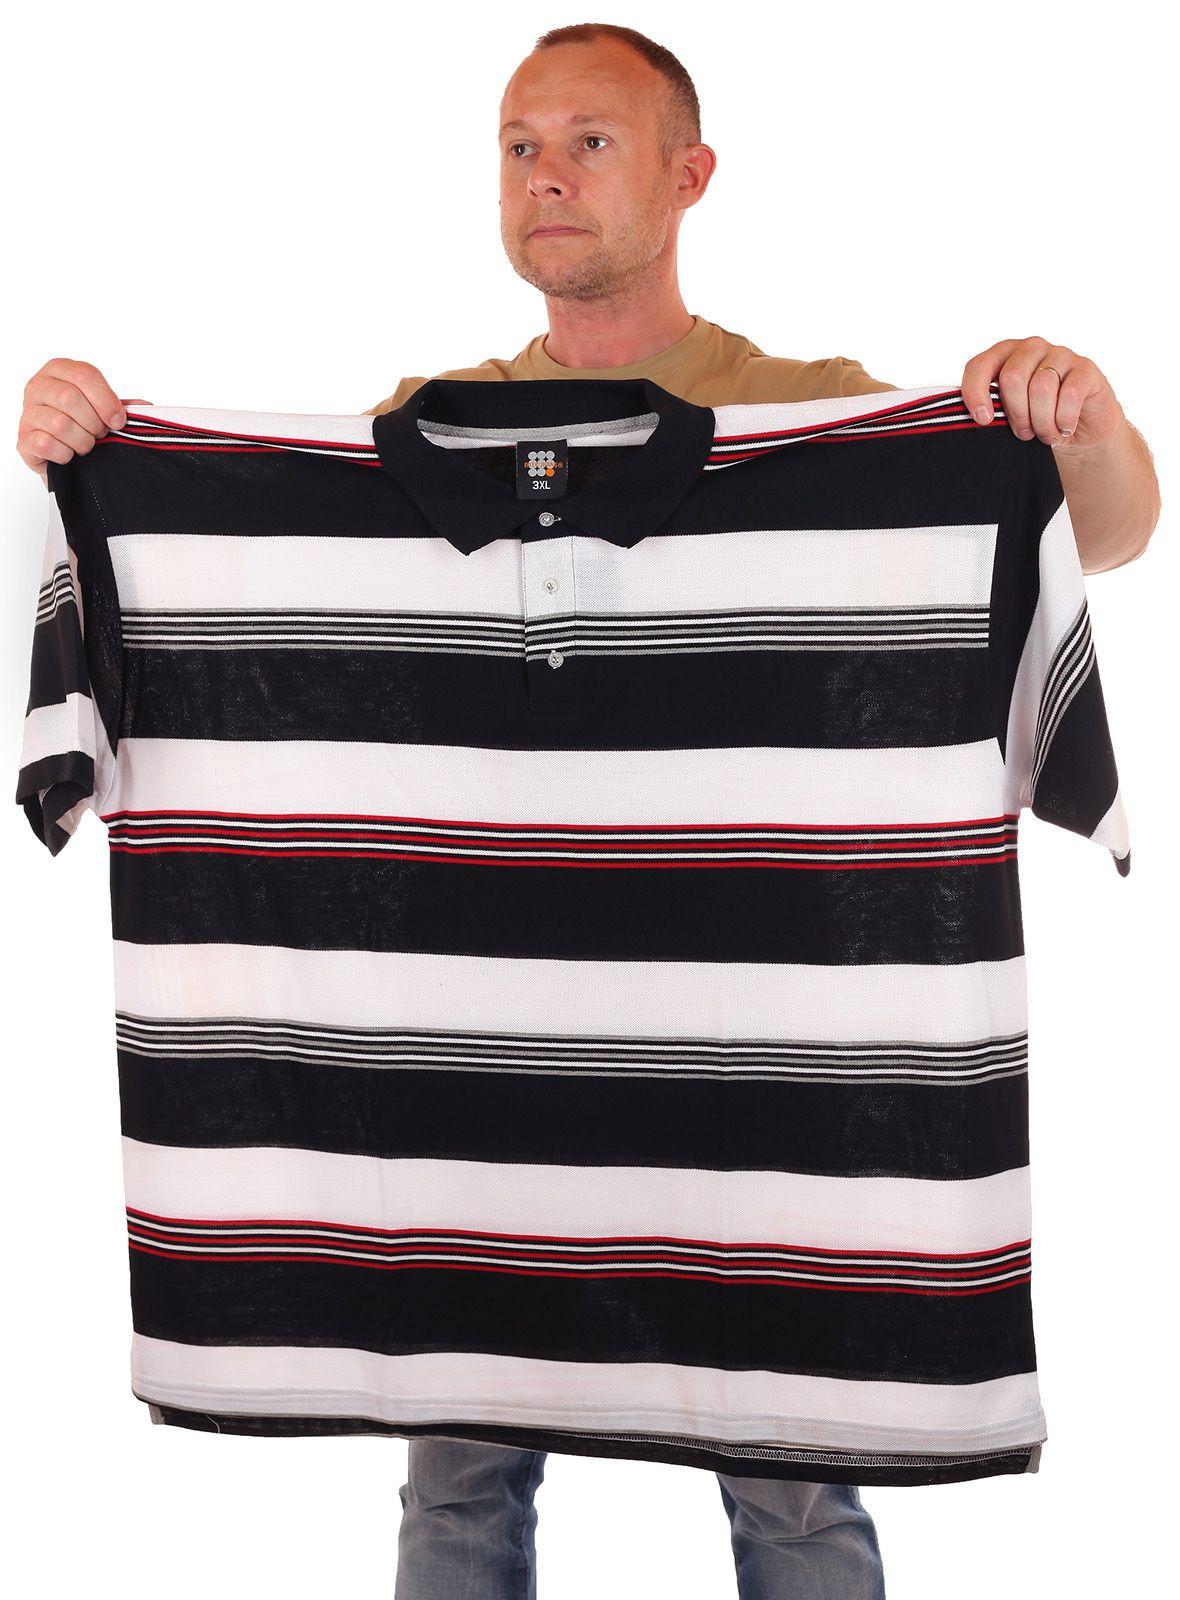 Недорогие рубашки размера плюс